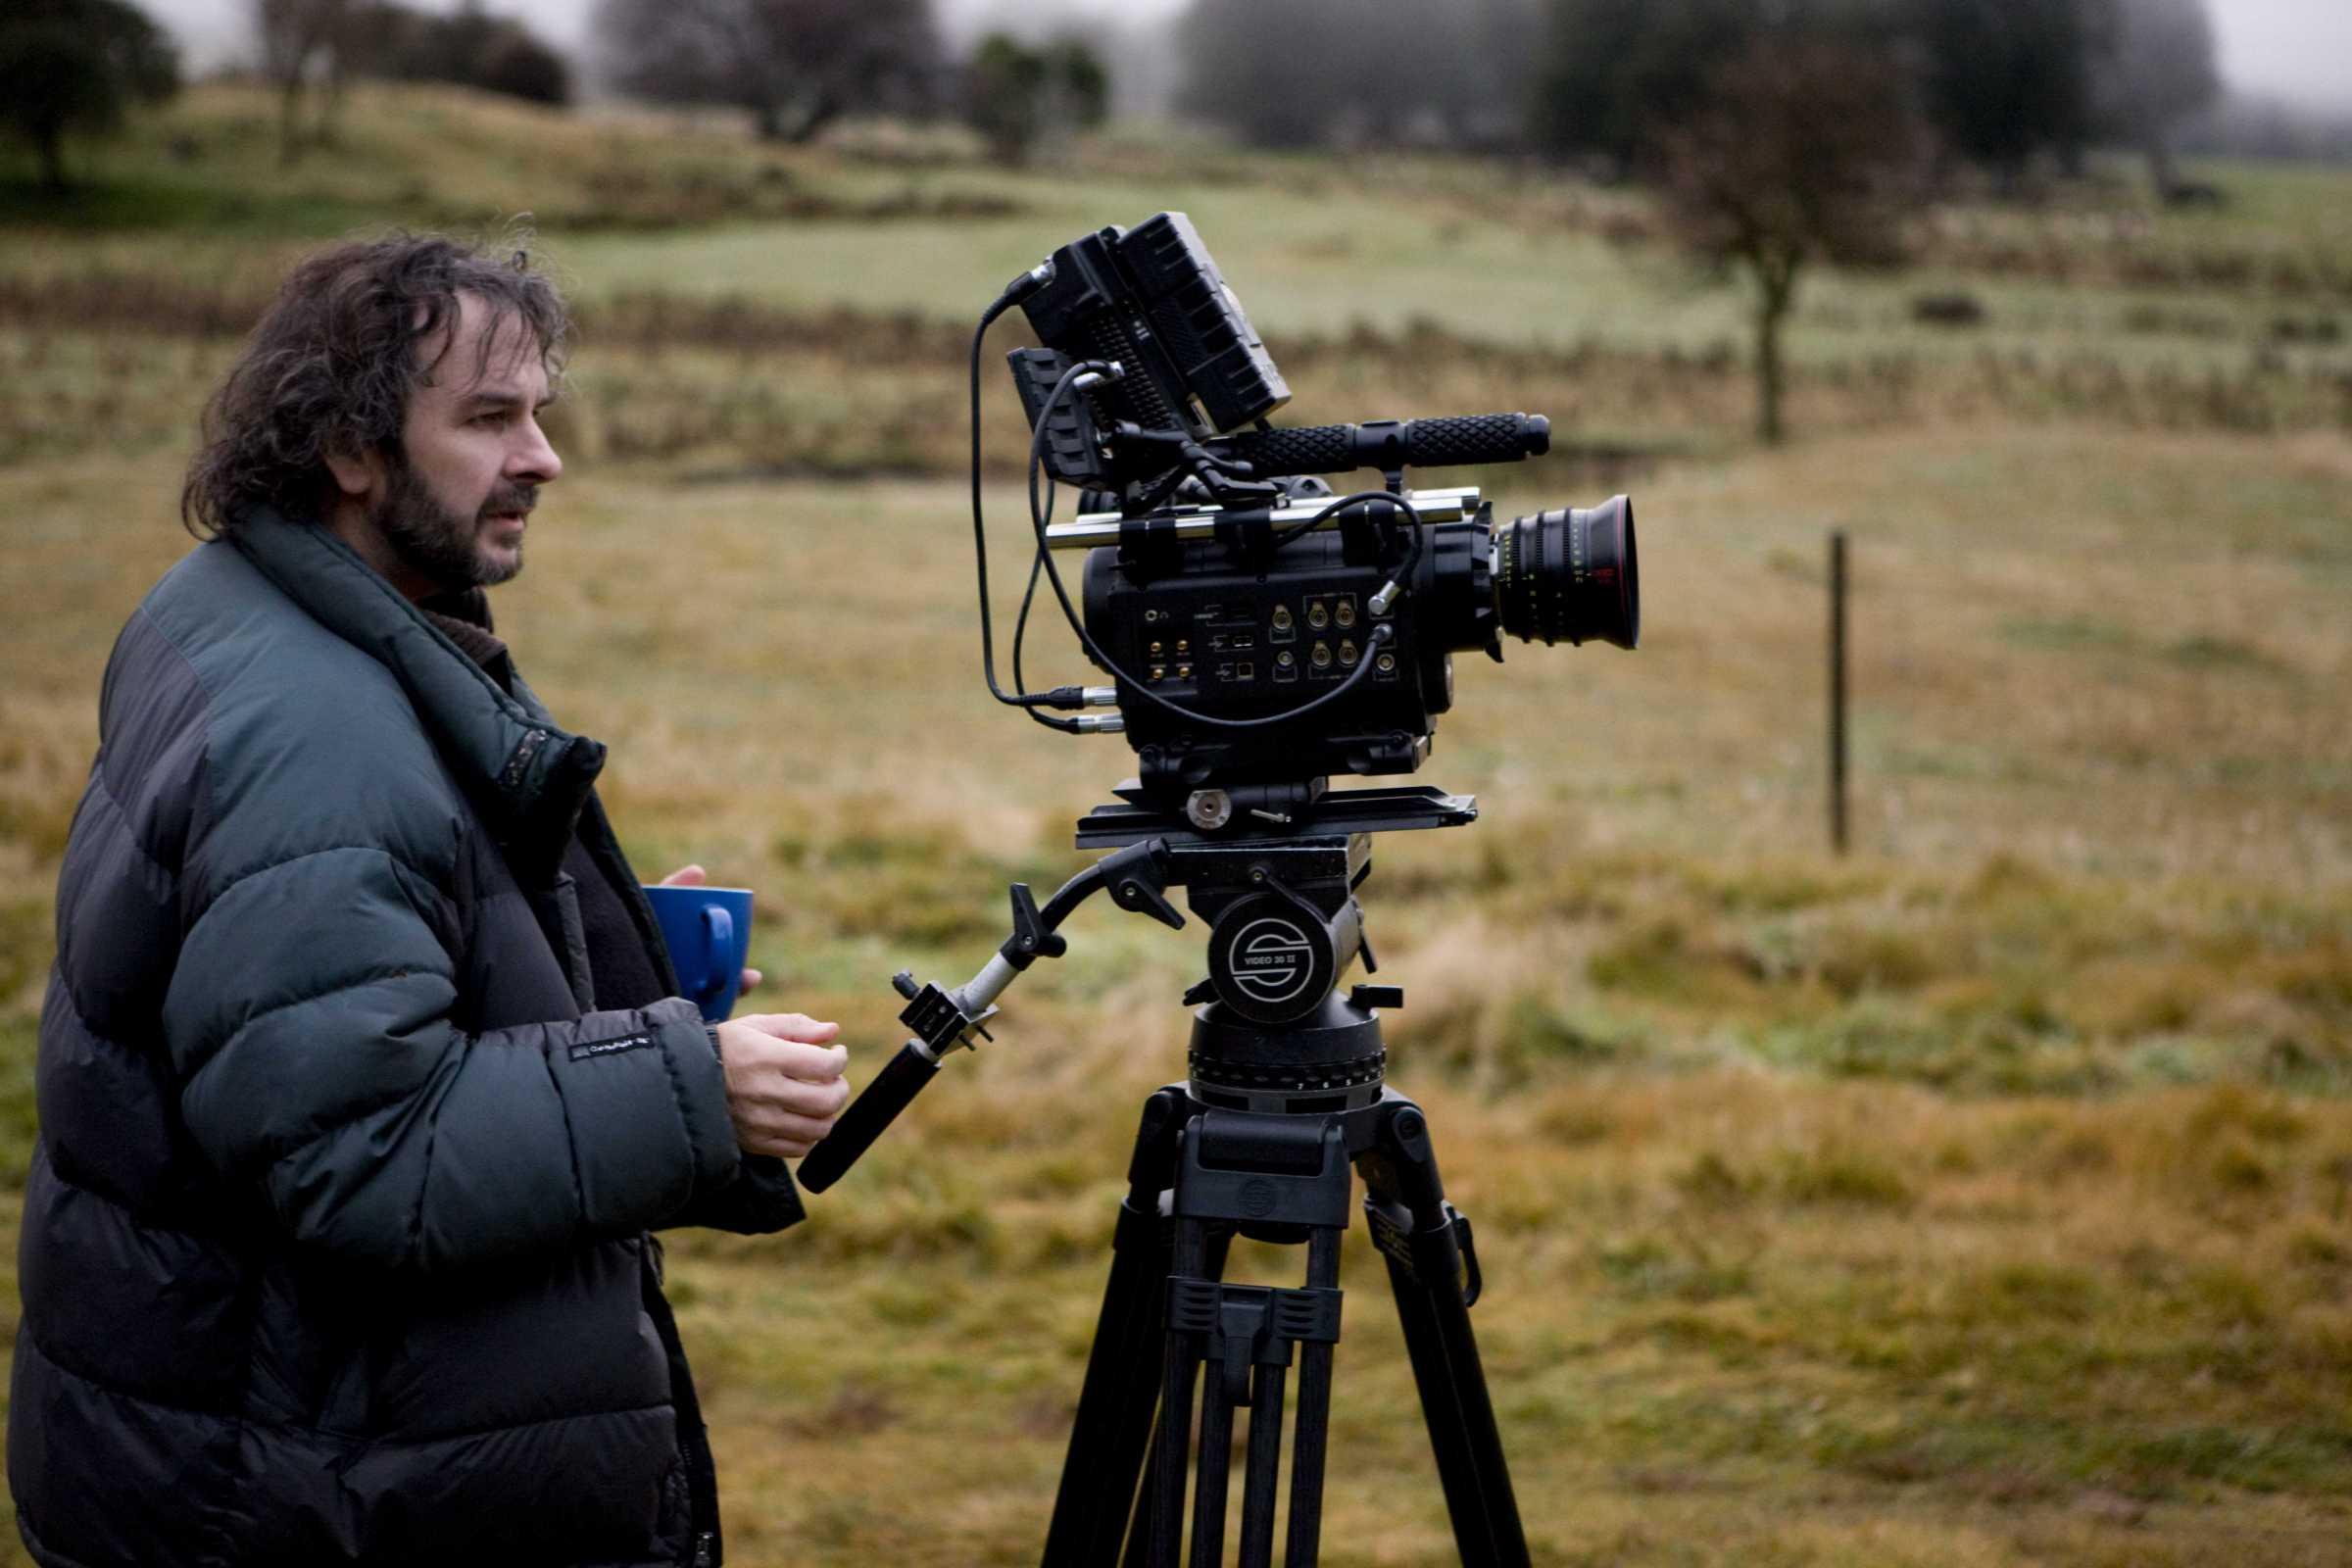 المخرج بيتر جاكسون يستعد لإخراج فيلم وثائقي عن فريق البيتلز